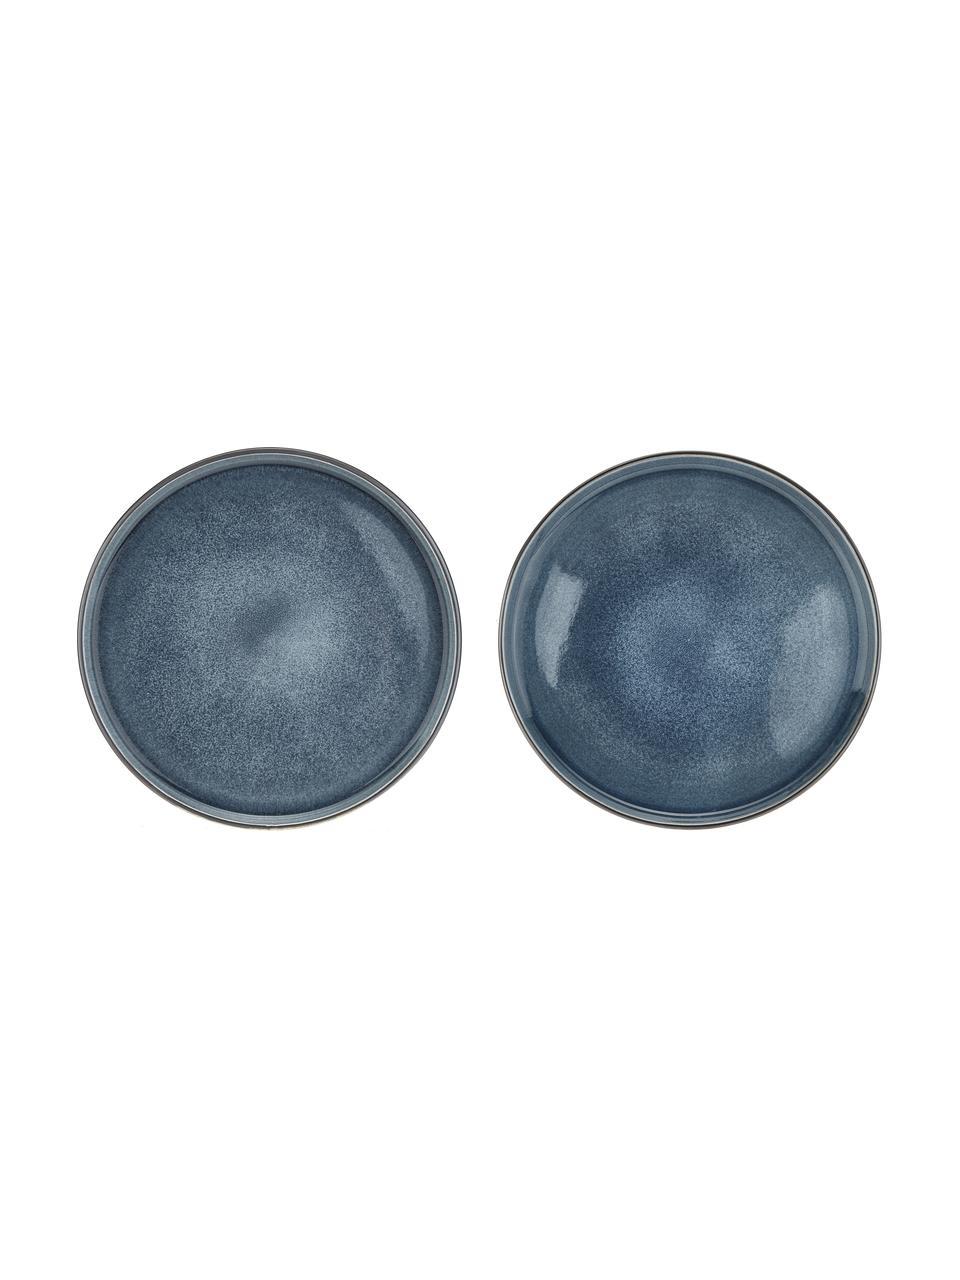 Ręcznie wykonany talerz duży Quintana, 2 szt., Porcelana, Niebieski, brązowy, Ø 28 cm